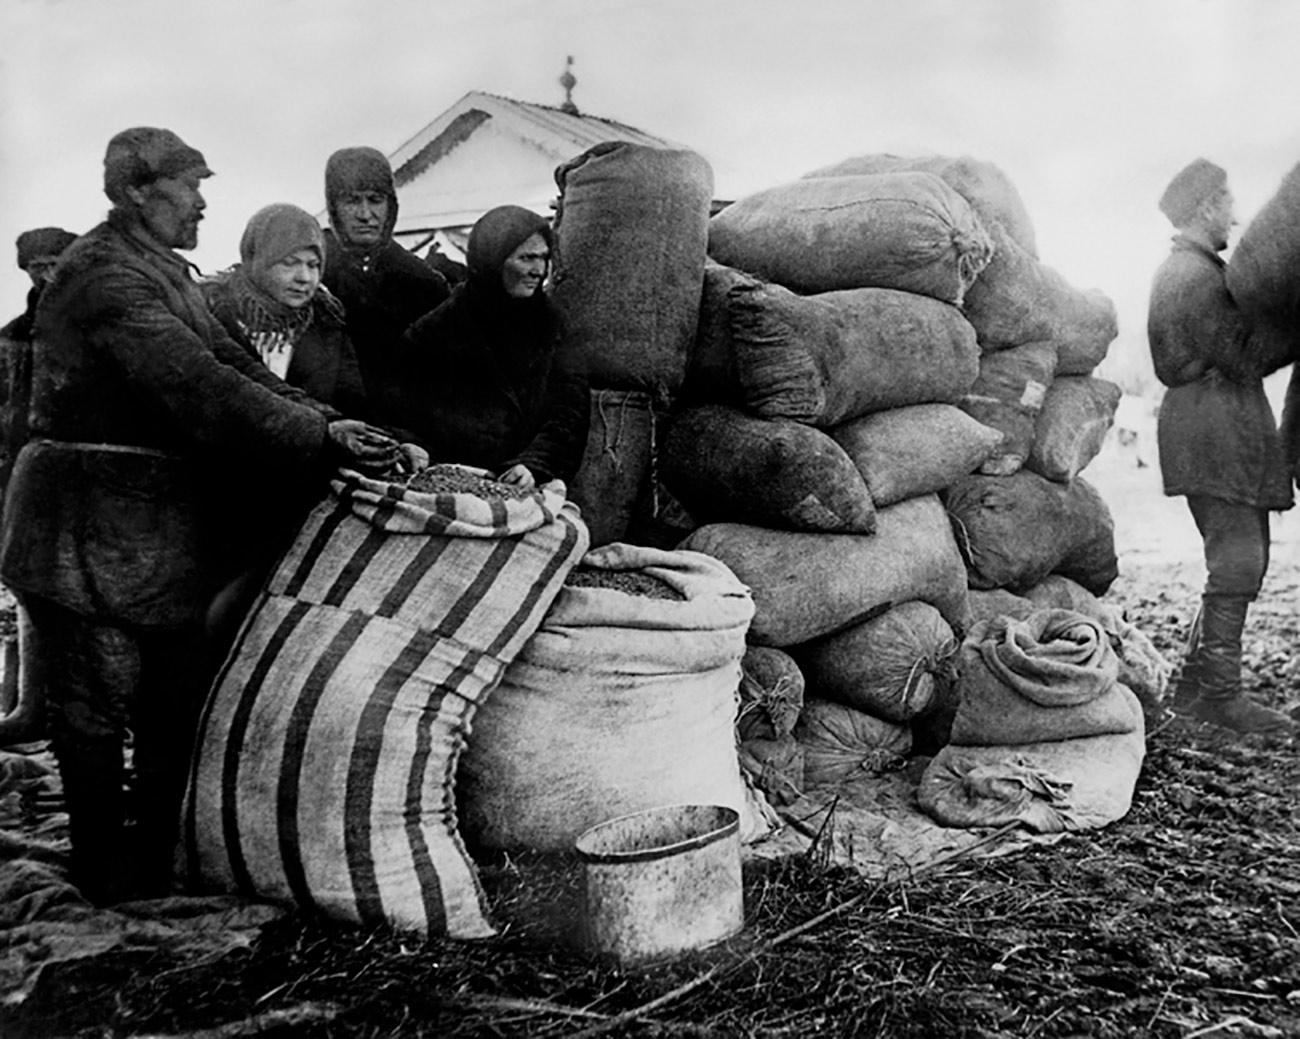 La collettivizzazione fu profondamente traumatica per i contadini russi. La confisca forzata di carne e pane portò a frequenti ribellioni. Molti preferivano uccidere le loro bestie, piuttosto che consegnarle alle fattorie collettive. A volte il governo sovietico doveva impiegare l'esercito per sopprimere le rivolte